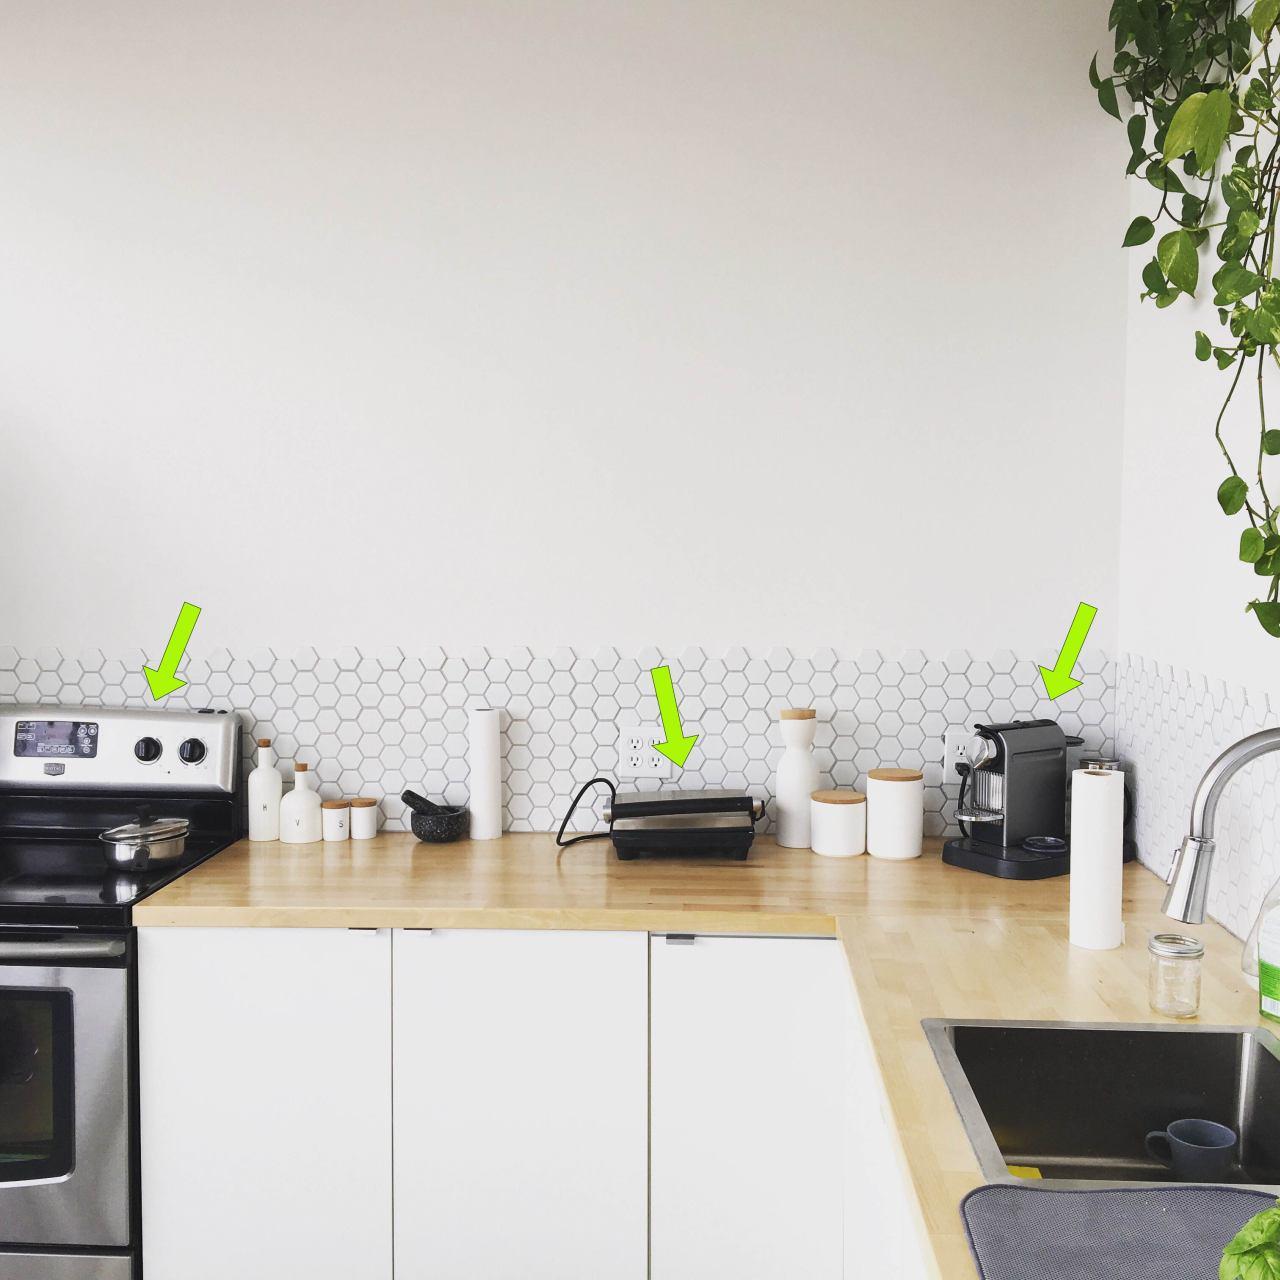 Haushaltsgeräte: Herstellergarantie vs. separate Elektronikversicherung:Küchengeräte Markiert durch Pfeile für Hinweis.